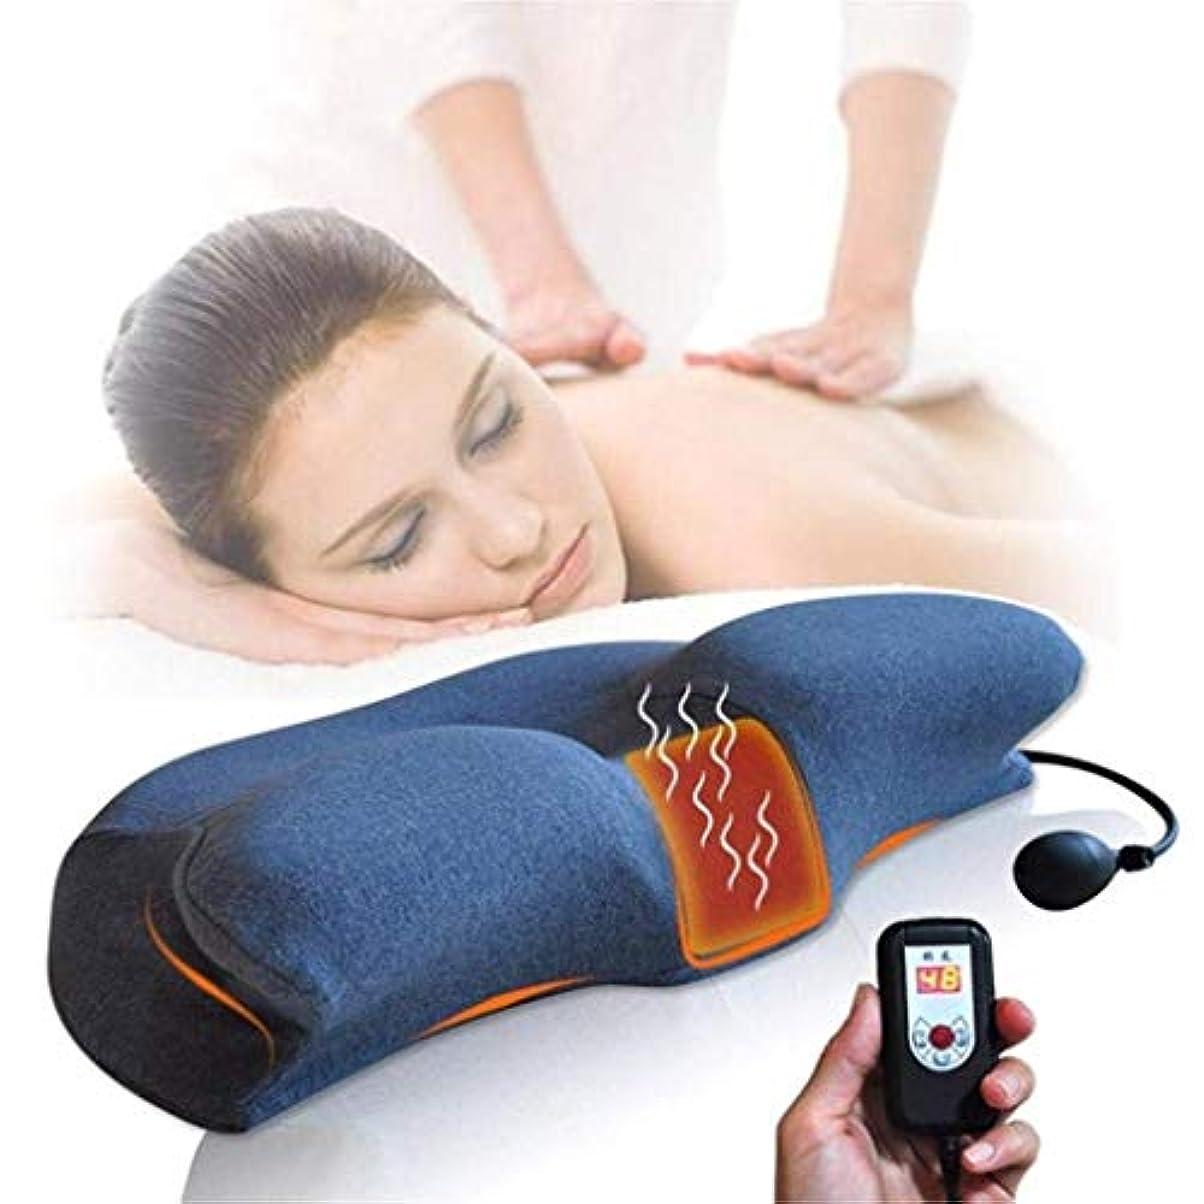 不測の事態マニアトークンマッサージ枕、メモリ枕、頸部牽引装置、インフレータブルヘルスケア整形外科マッサージ枕、睡眠肩枕の促進